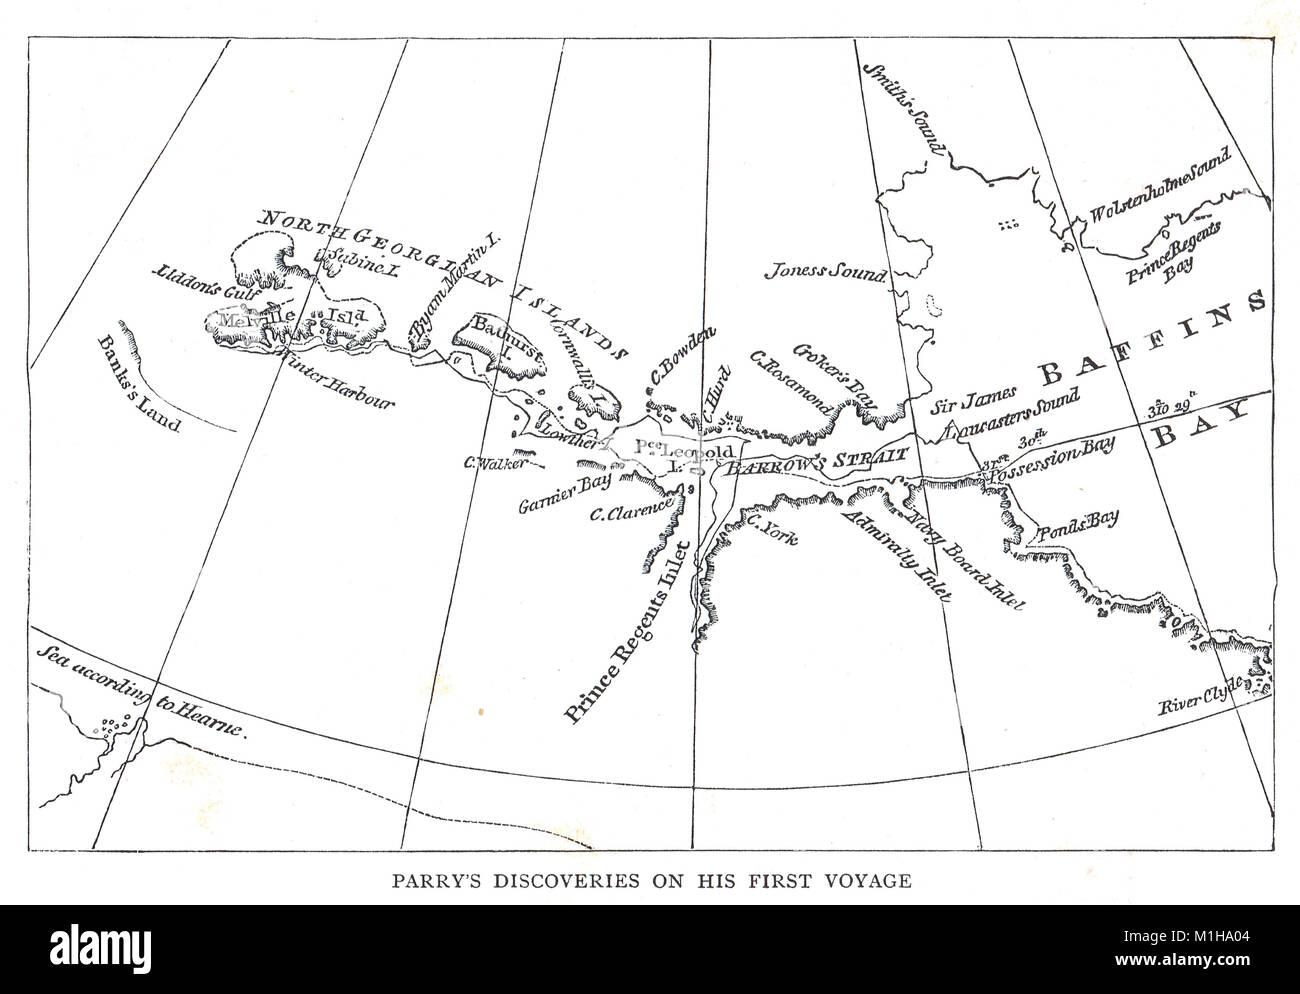 Mappa di Parry le sue scoperte sul suo primo viaggio Artico 1819 Immagini Stock